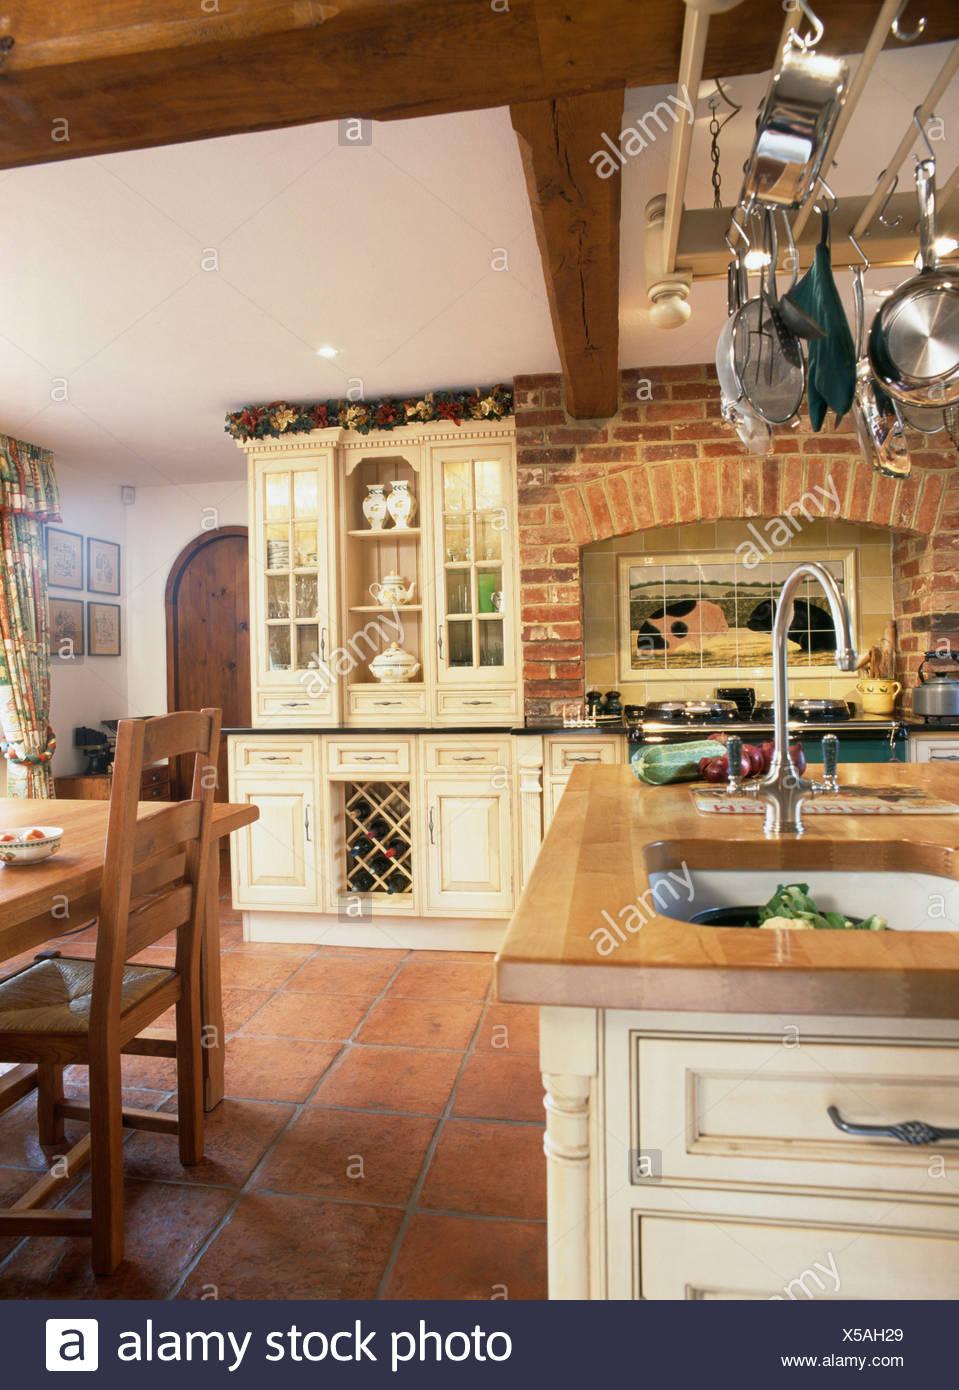 Terracottafliesen und Backstein Mauer im Landhaus-Küche mit